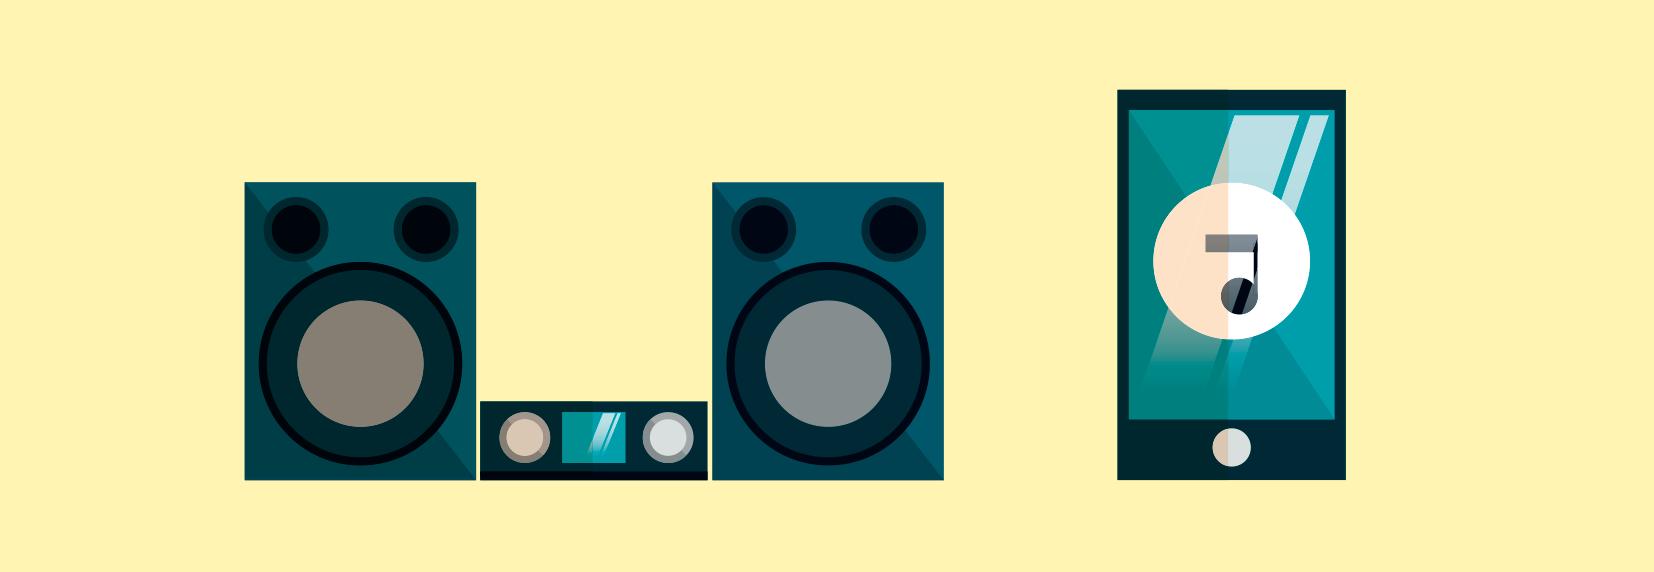 ilustração de aparelho de som com duas caixas de som e de um aparelho de celular.